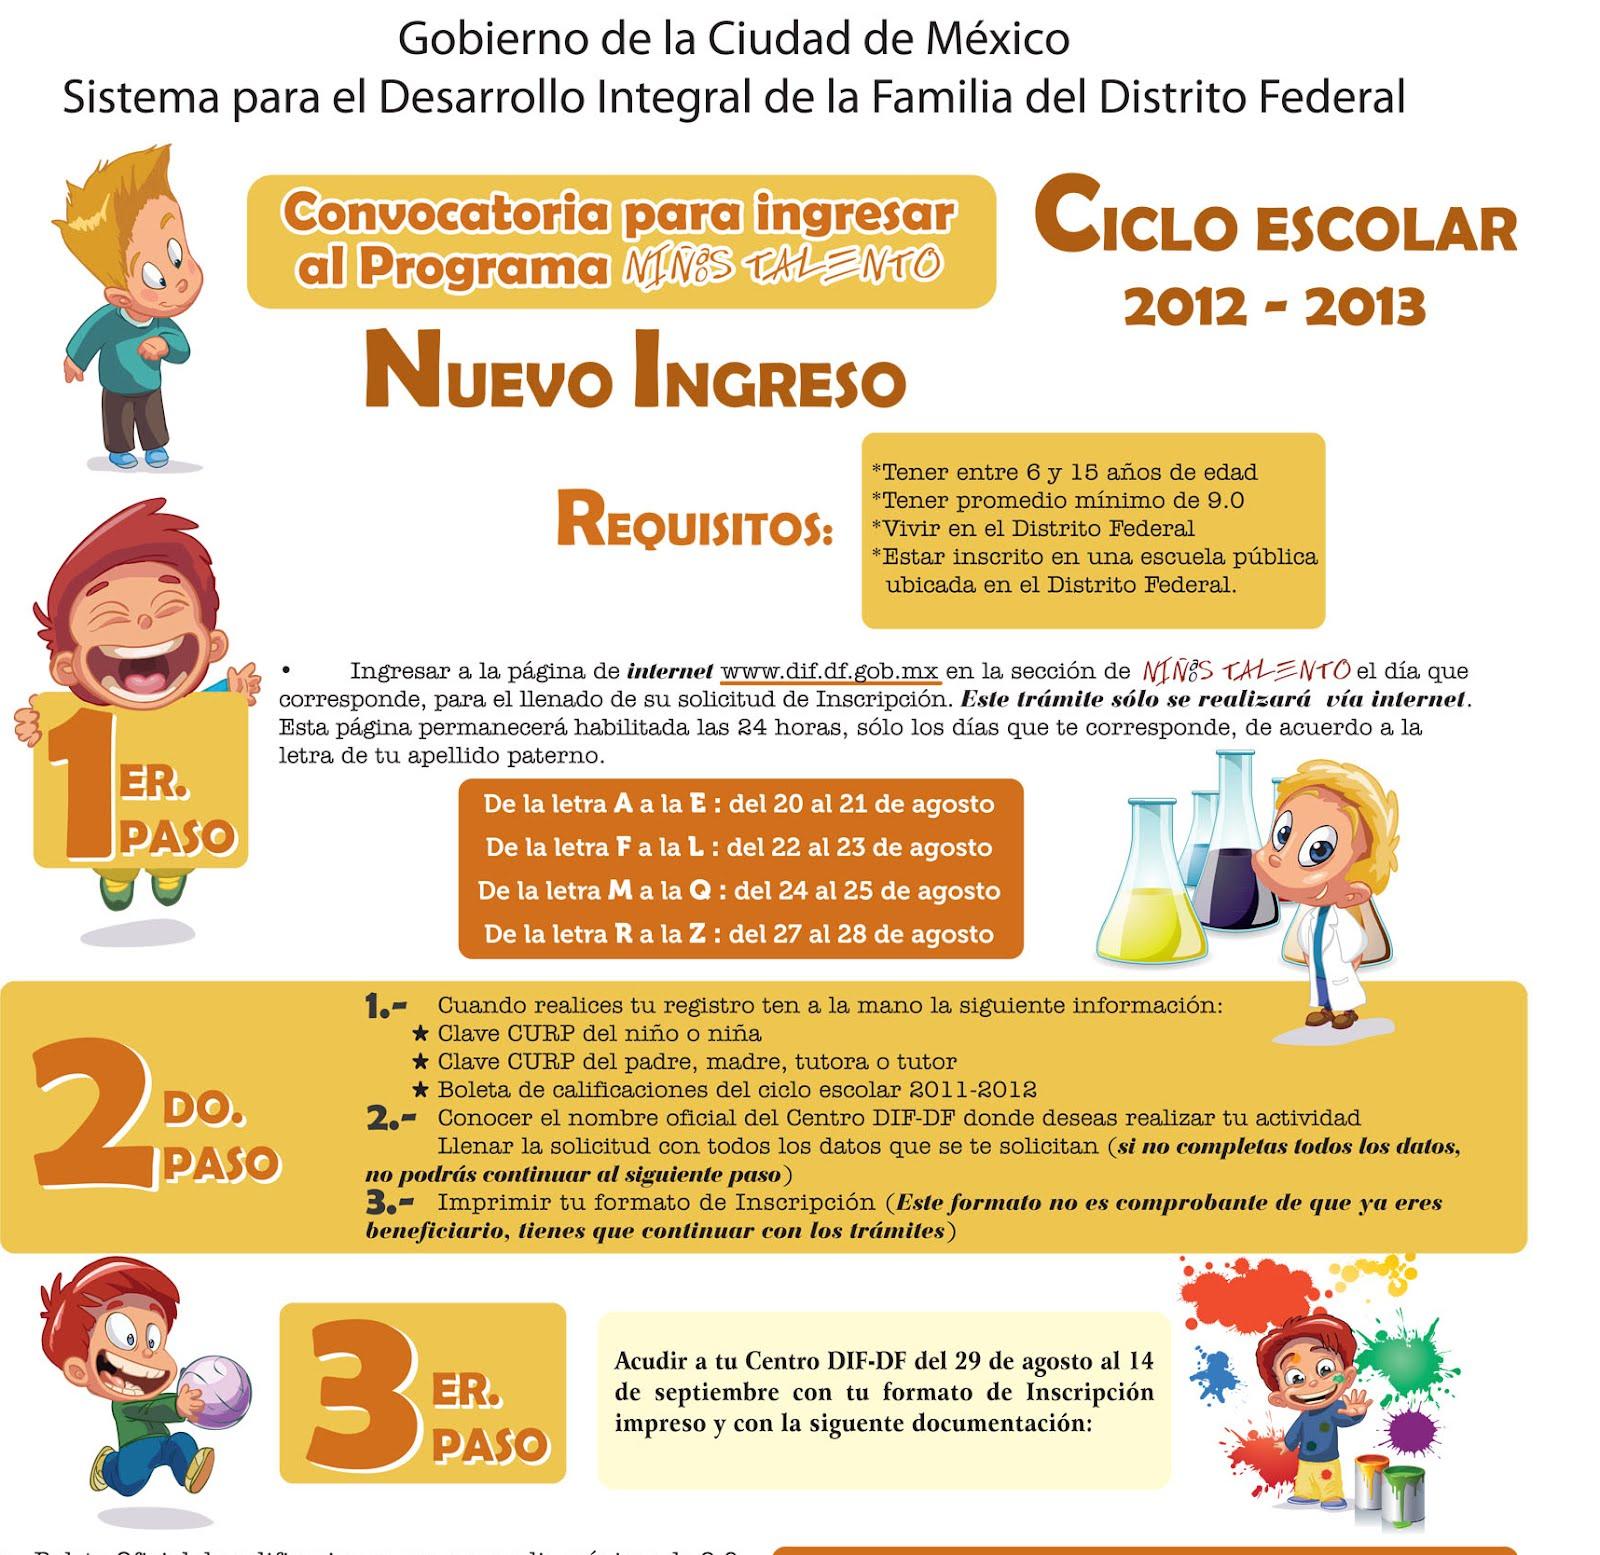 Guia inscripción niños talentos 2012 - 2013